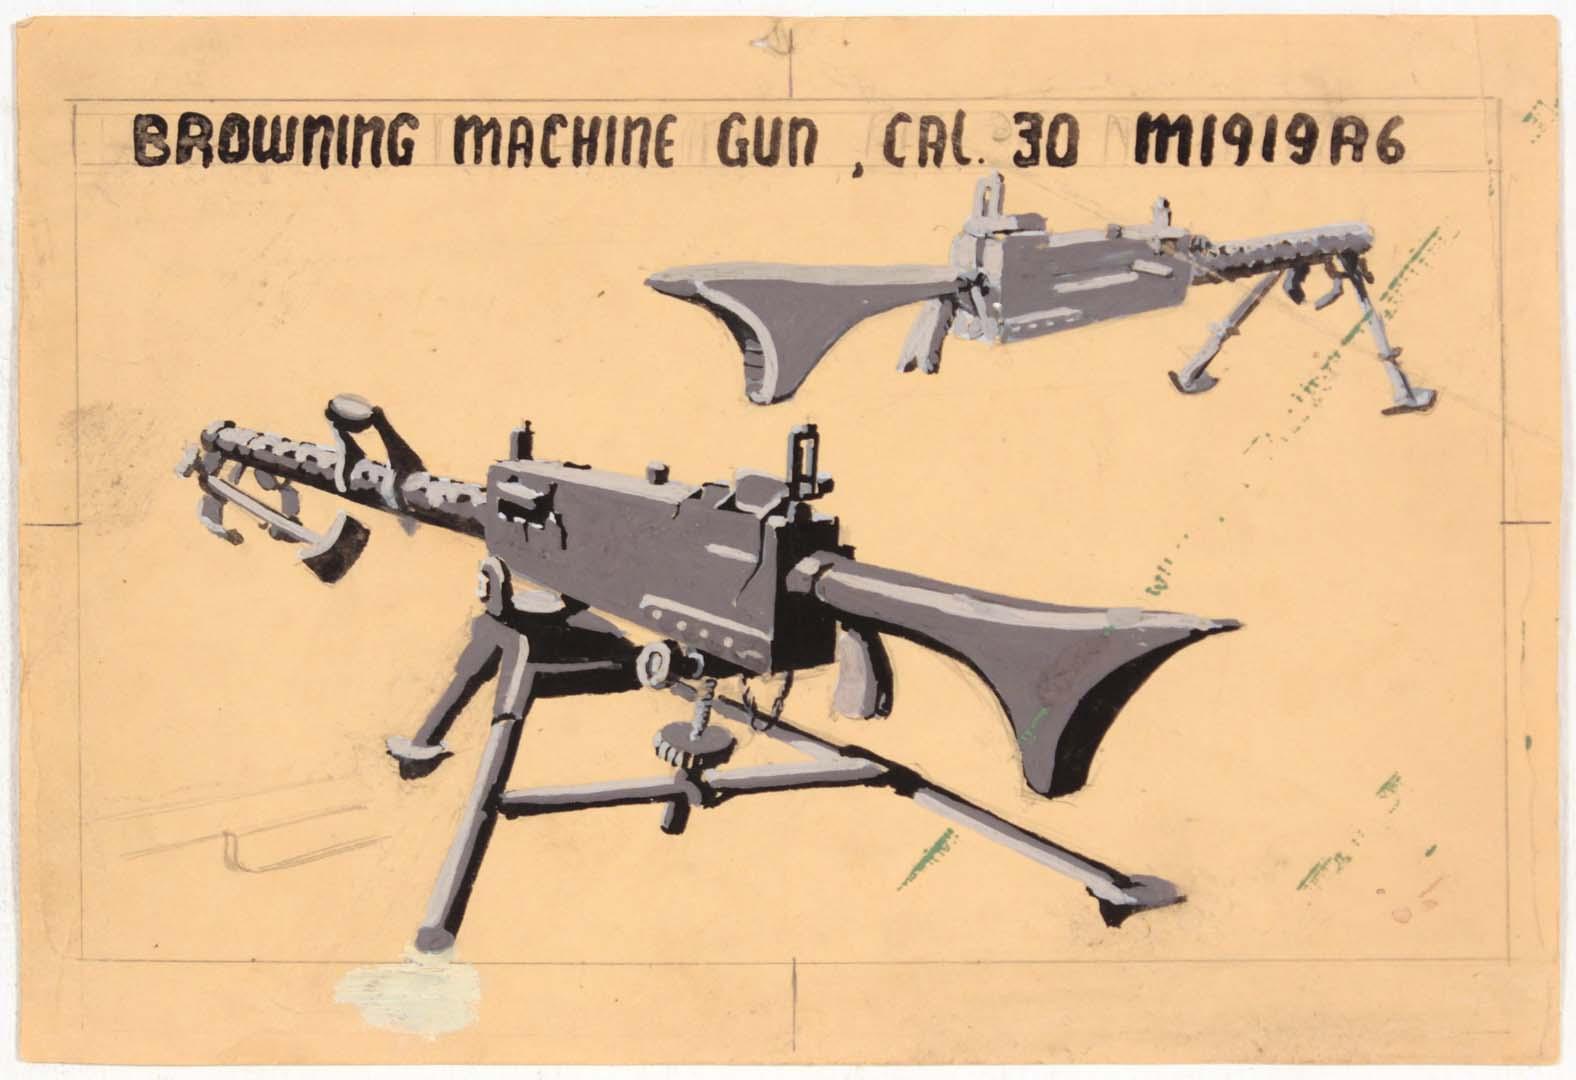 1944 Image 58 (Browning Machine Gun) Silkscreen 7.375 x 10.75